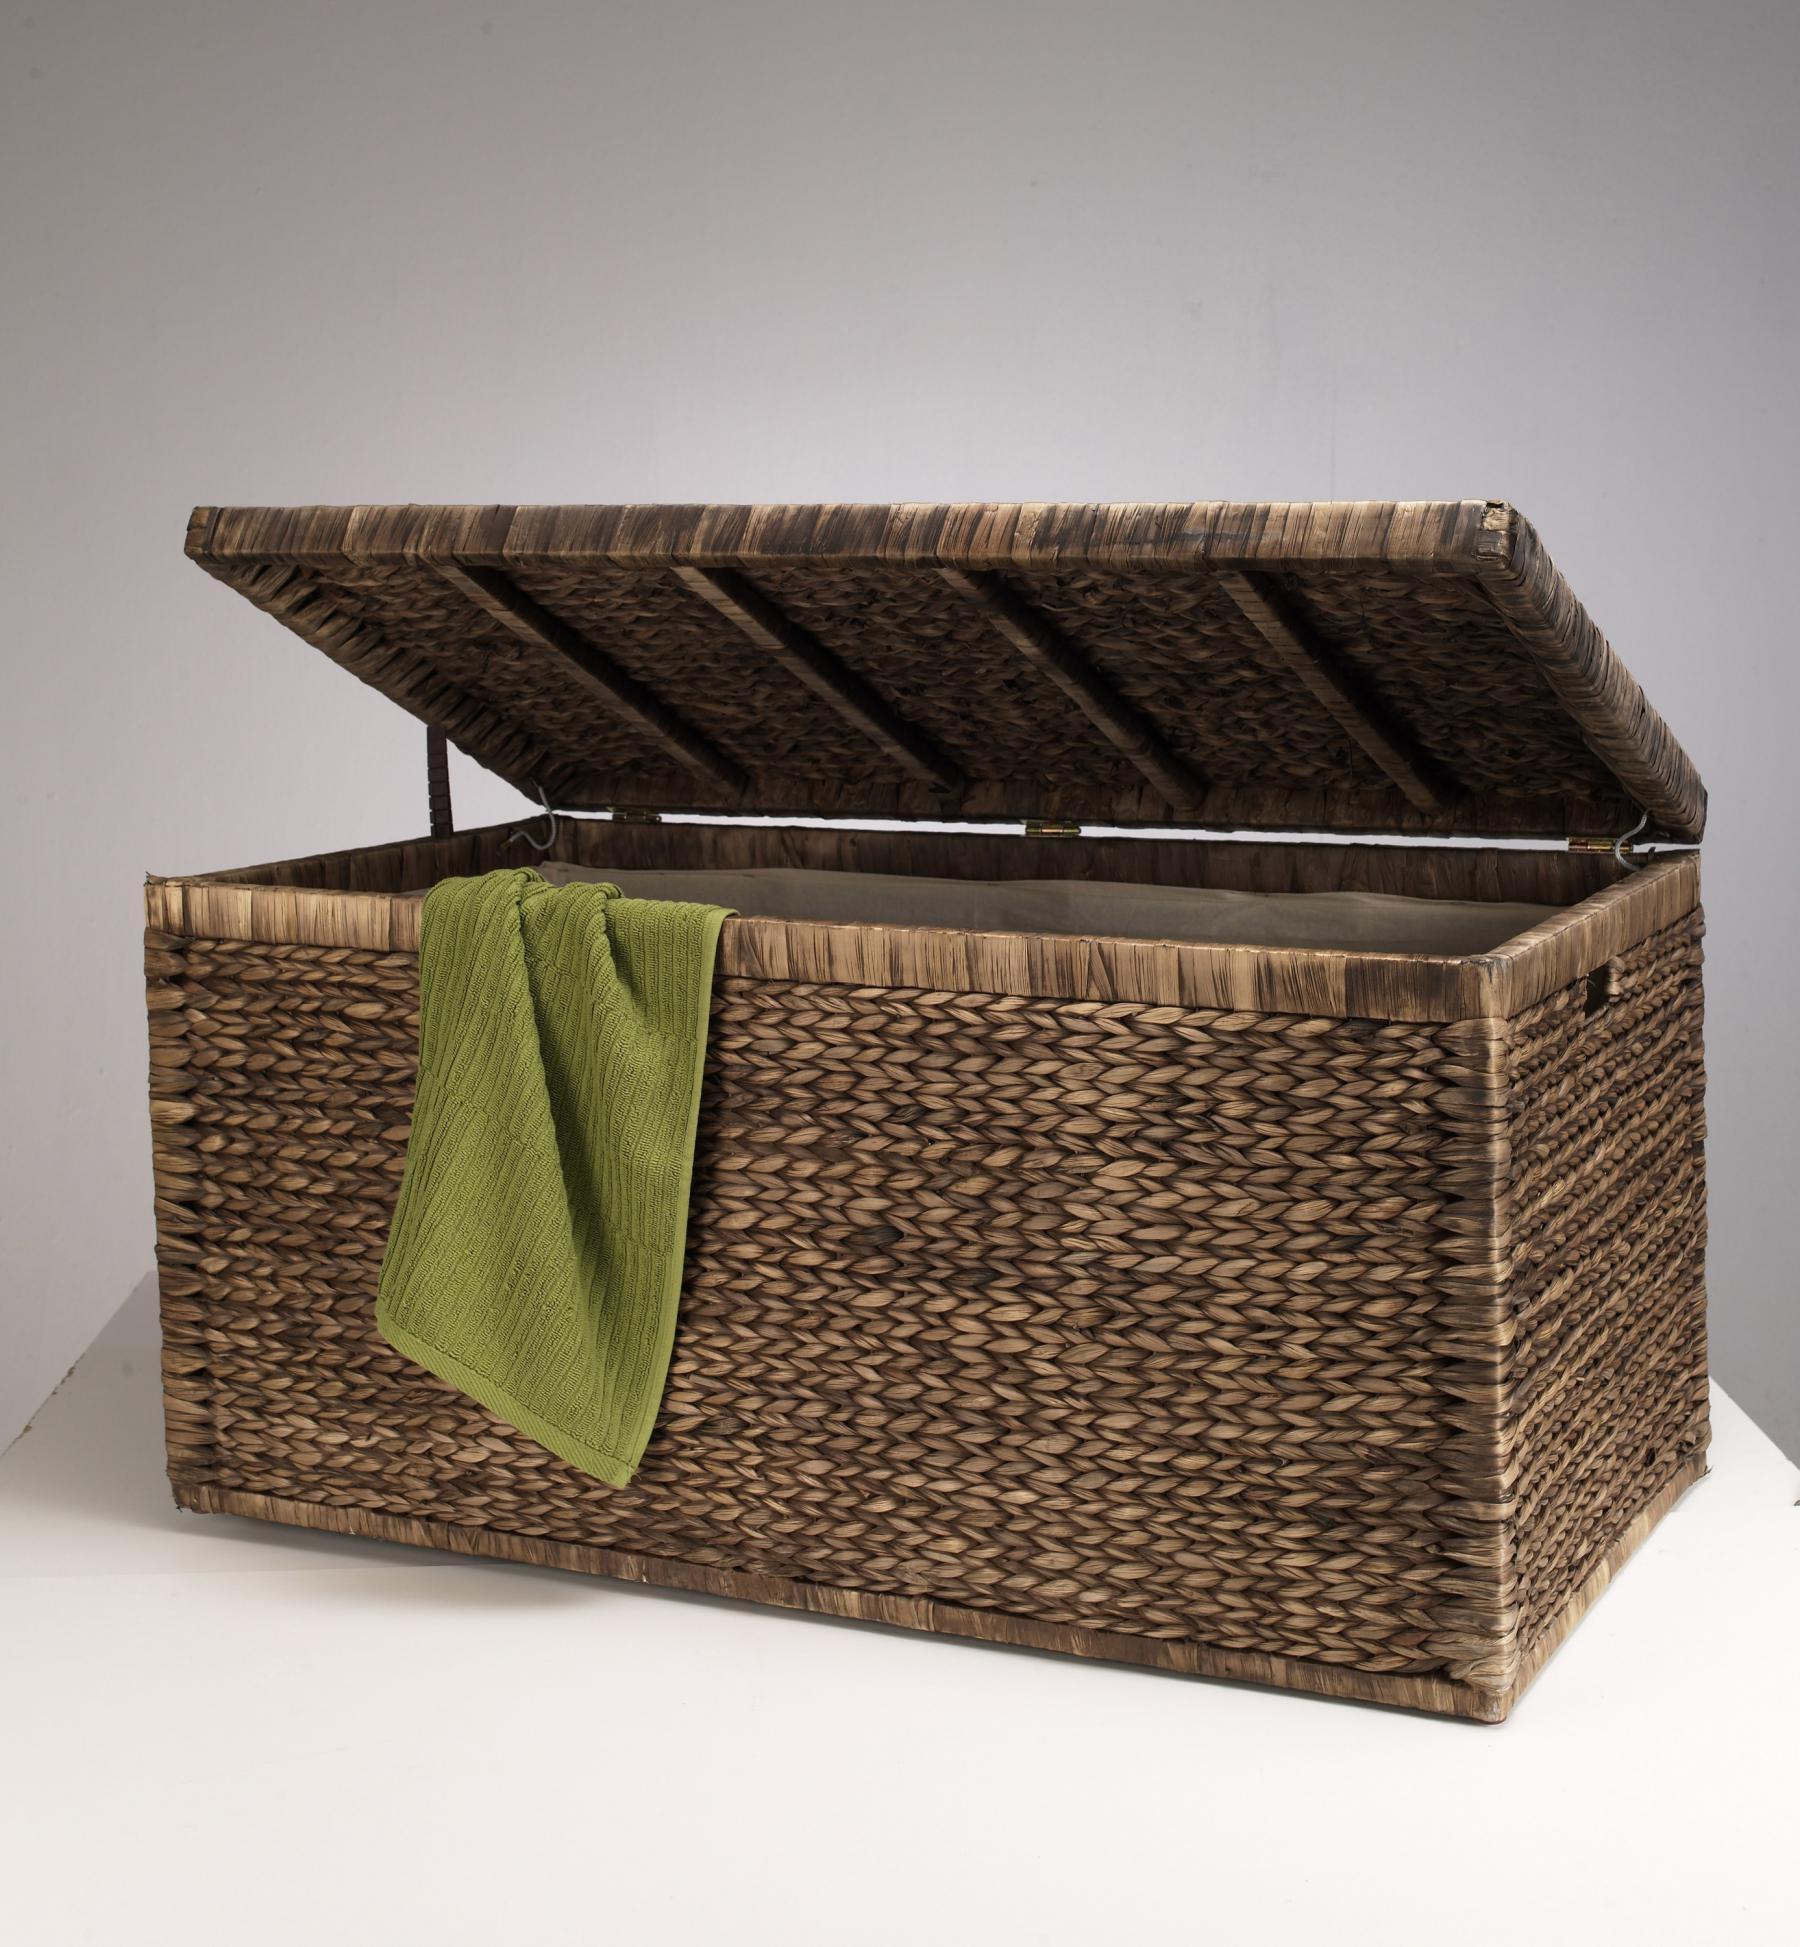 auflagenbox braun elegant clp auflagenbox xl liter polyrattan braun with auflagenbox braun. Black Bedroom Furniture Sets. Home Design Ideas